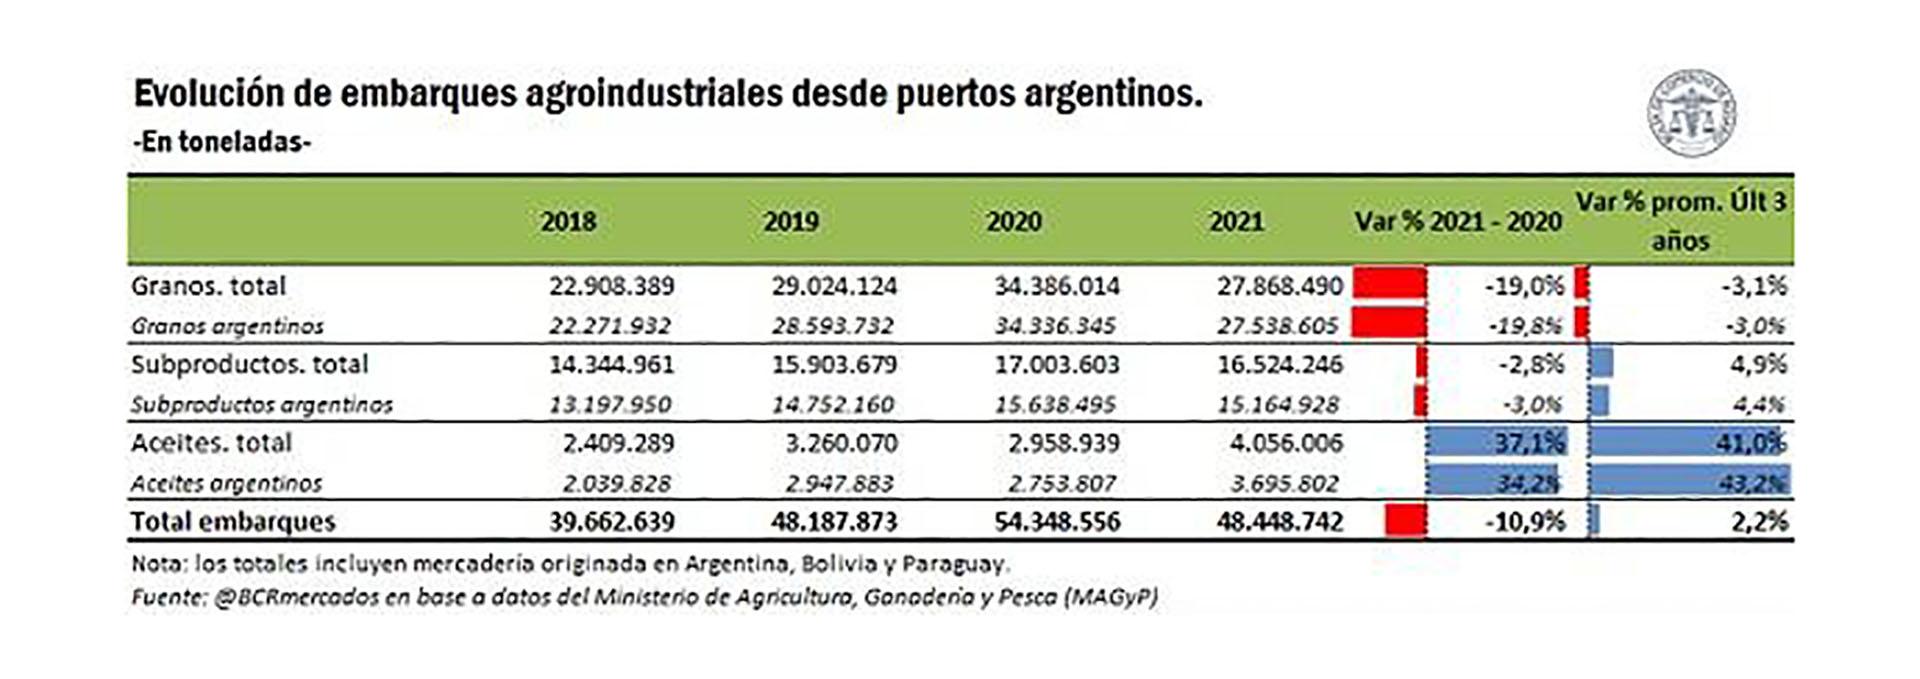 La evolución anual de los volúmenes exportados de granos y subproductos